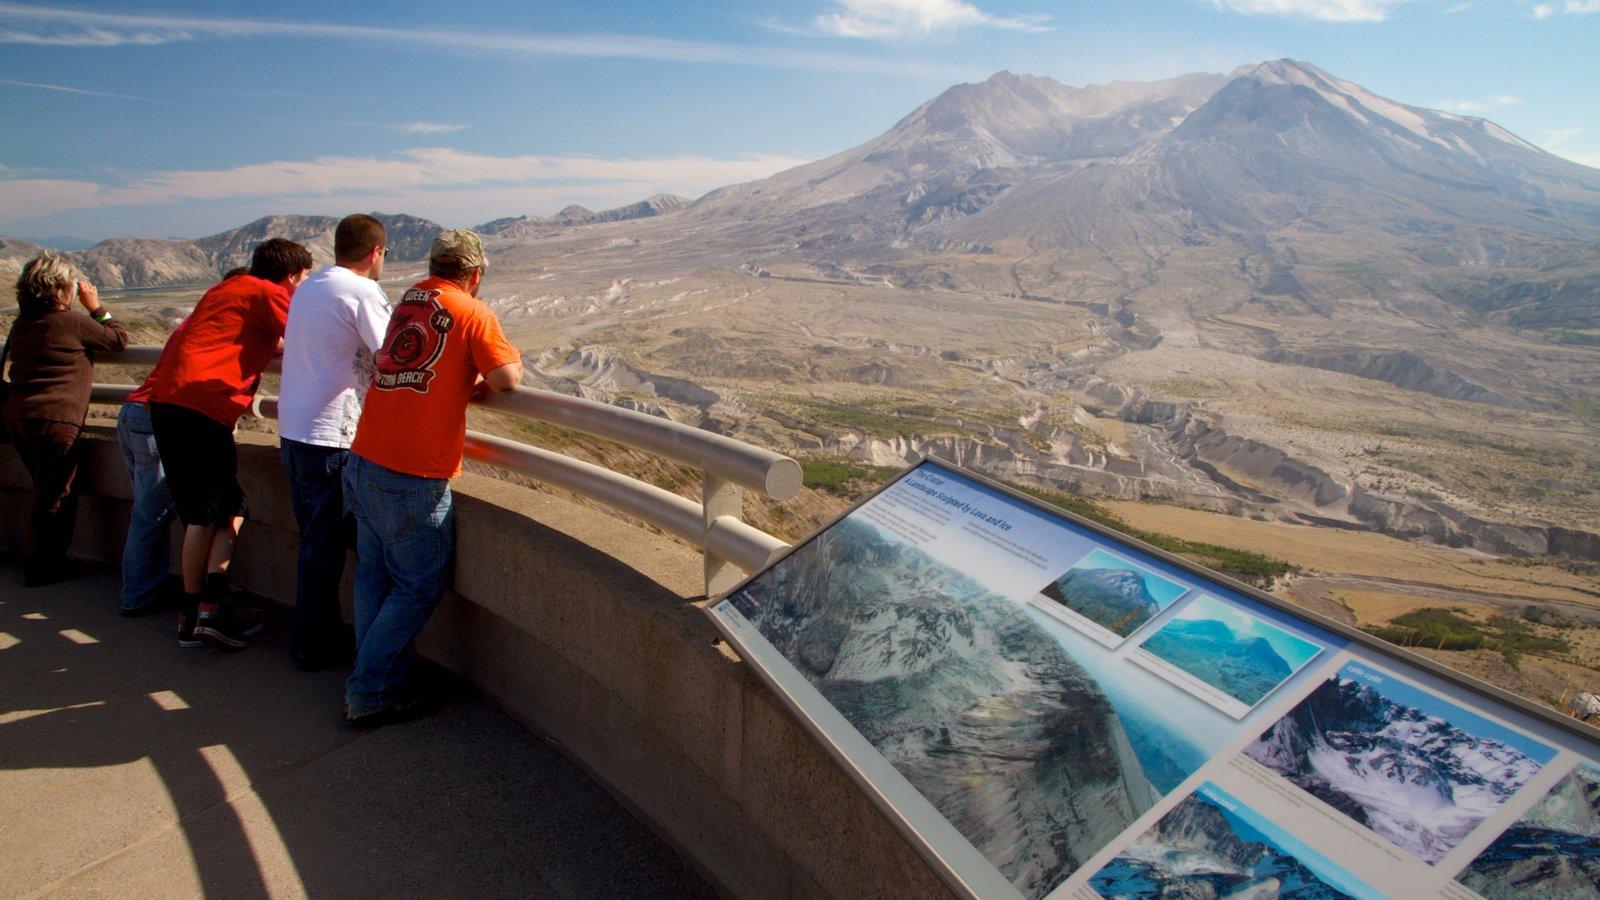 Portland mostrando montanhas, paisagens e paisagem